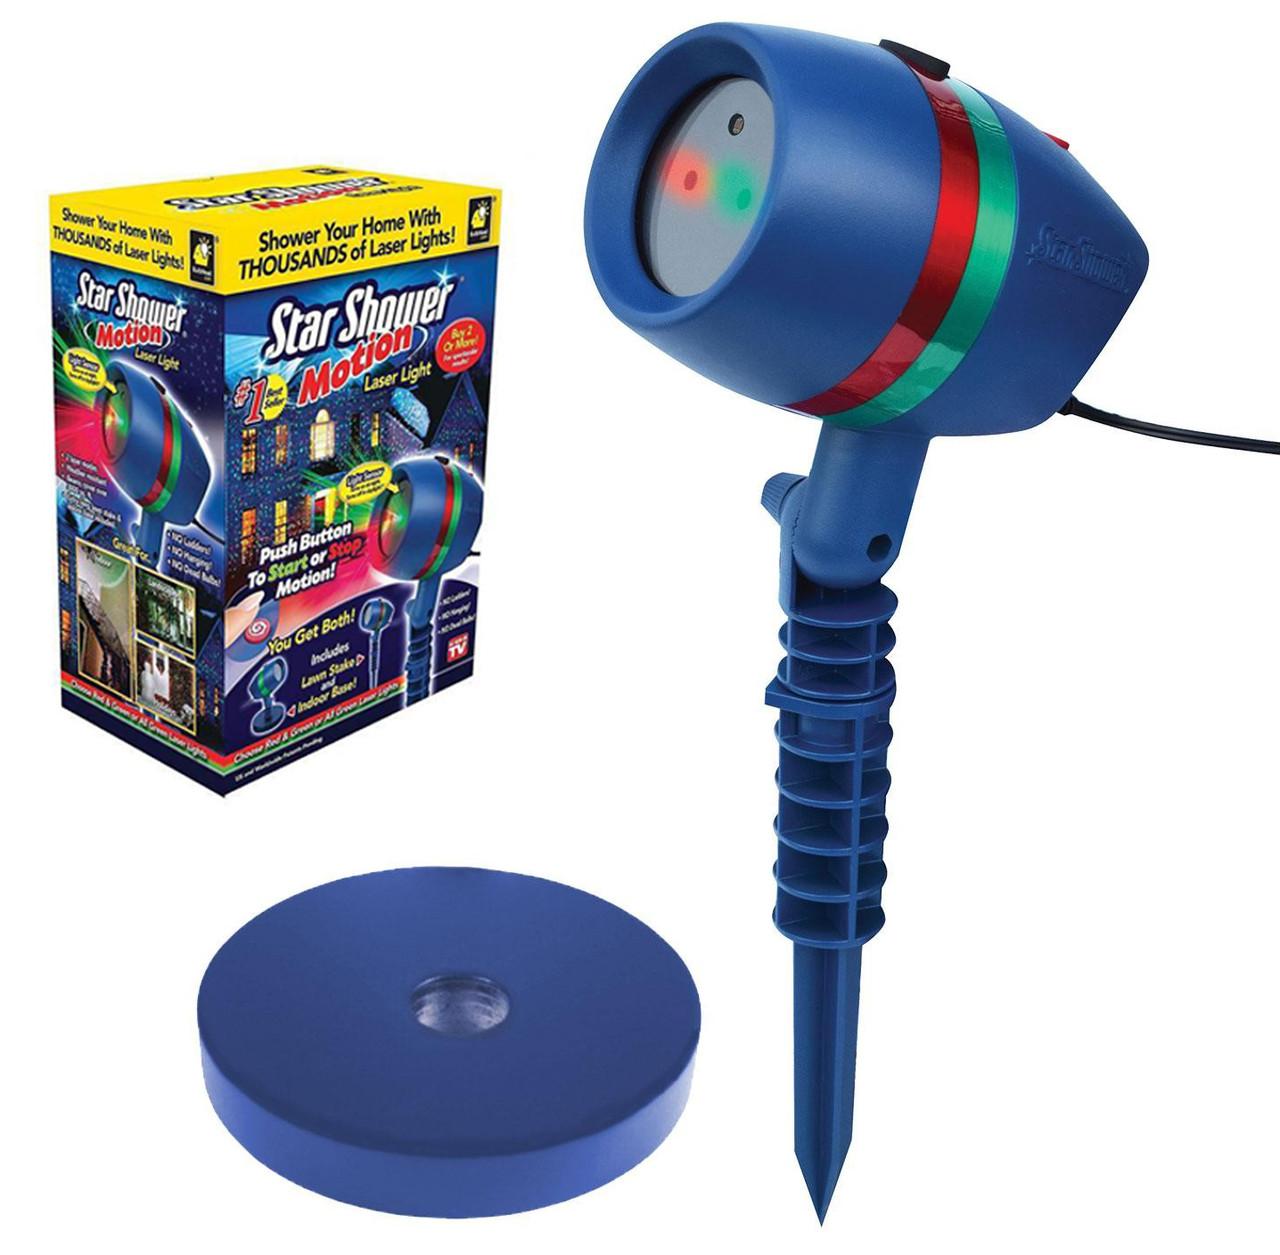 Лазерний проектор для прикраси будинків або кімнати UFT Star Shower ss-177